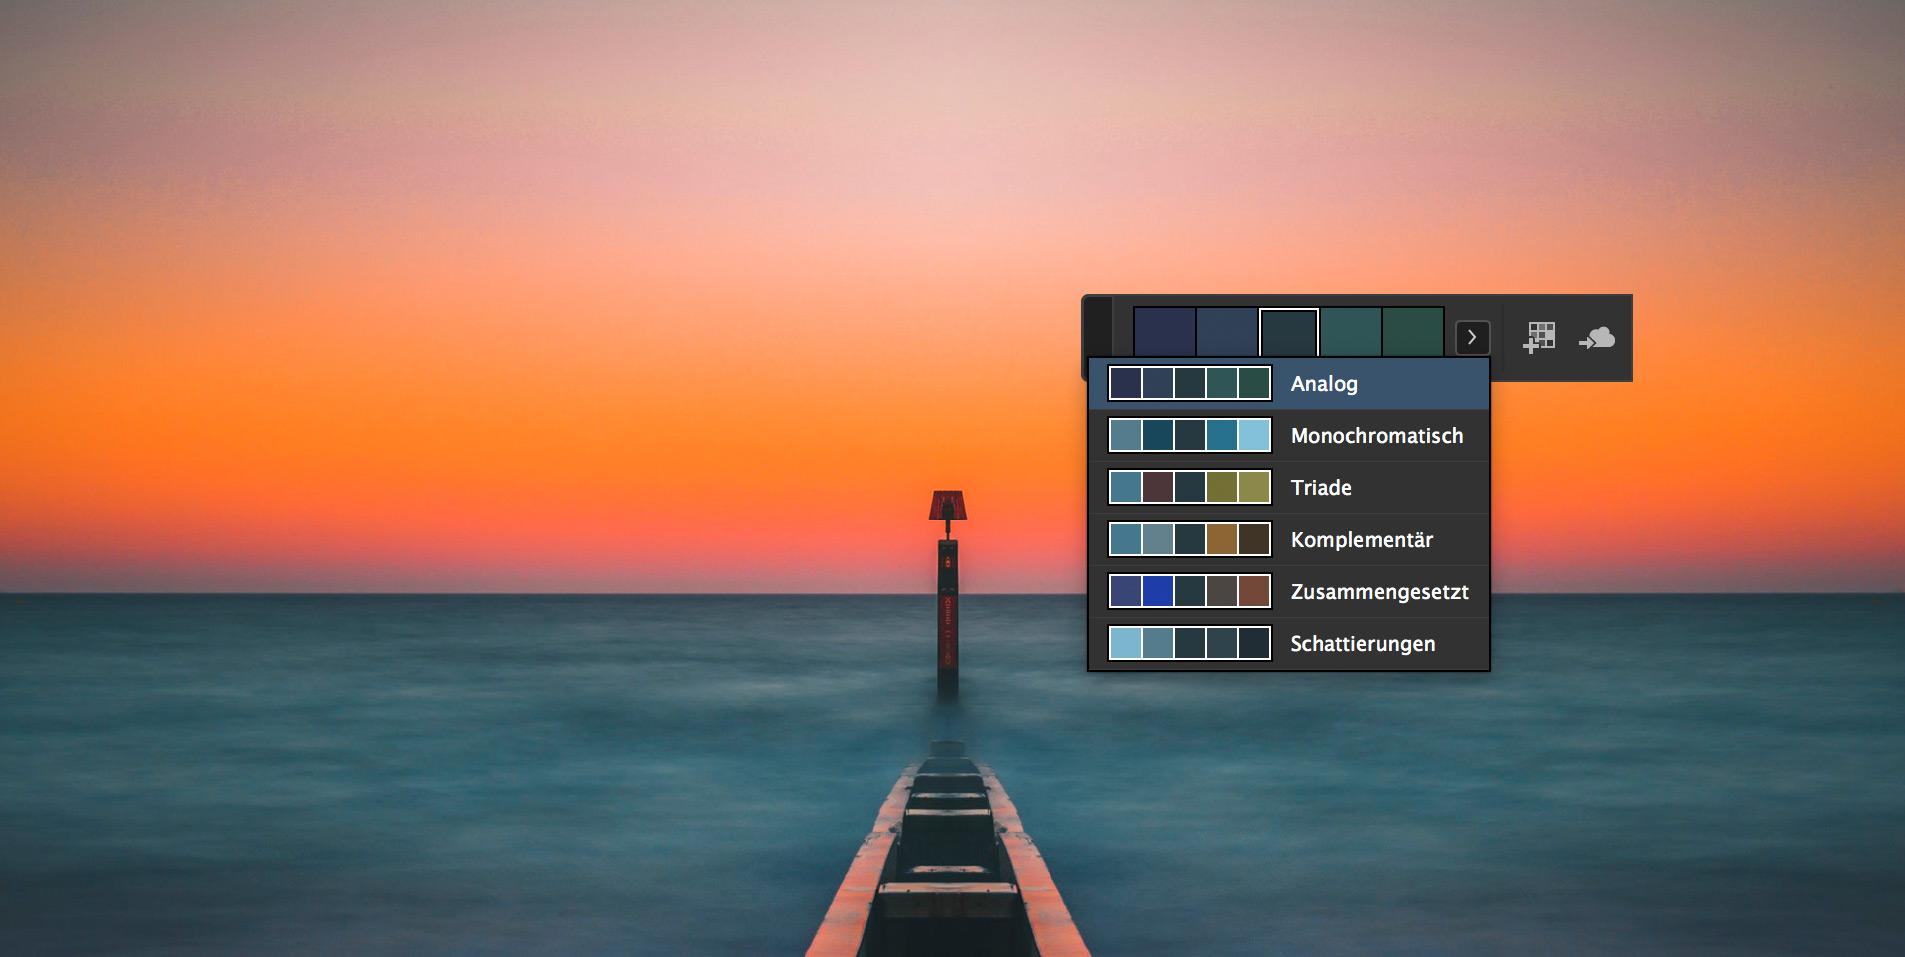 InDesign: Farbpaletten aus Bildern erstellen